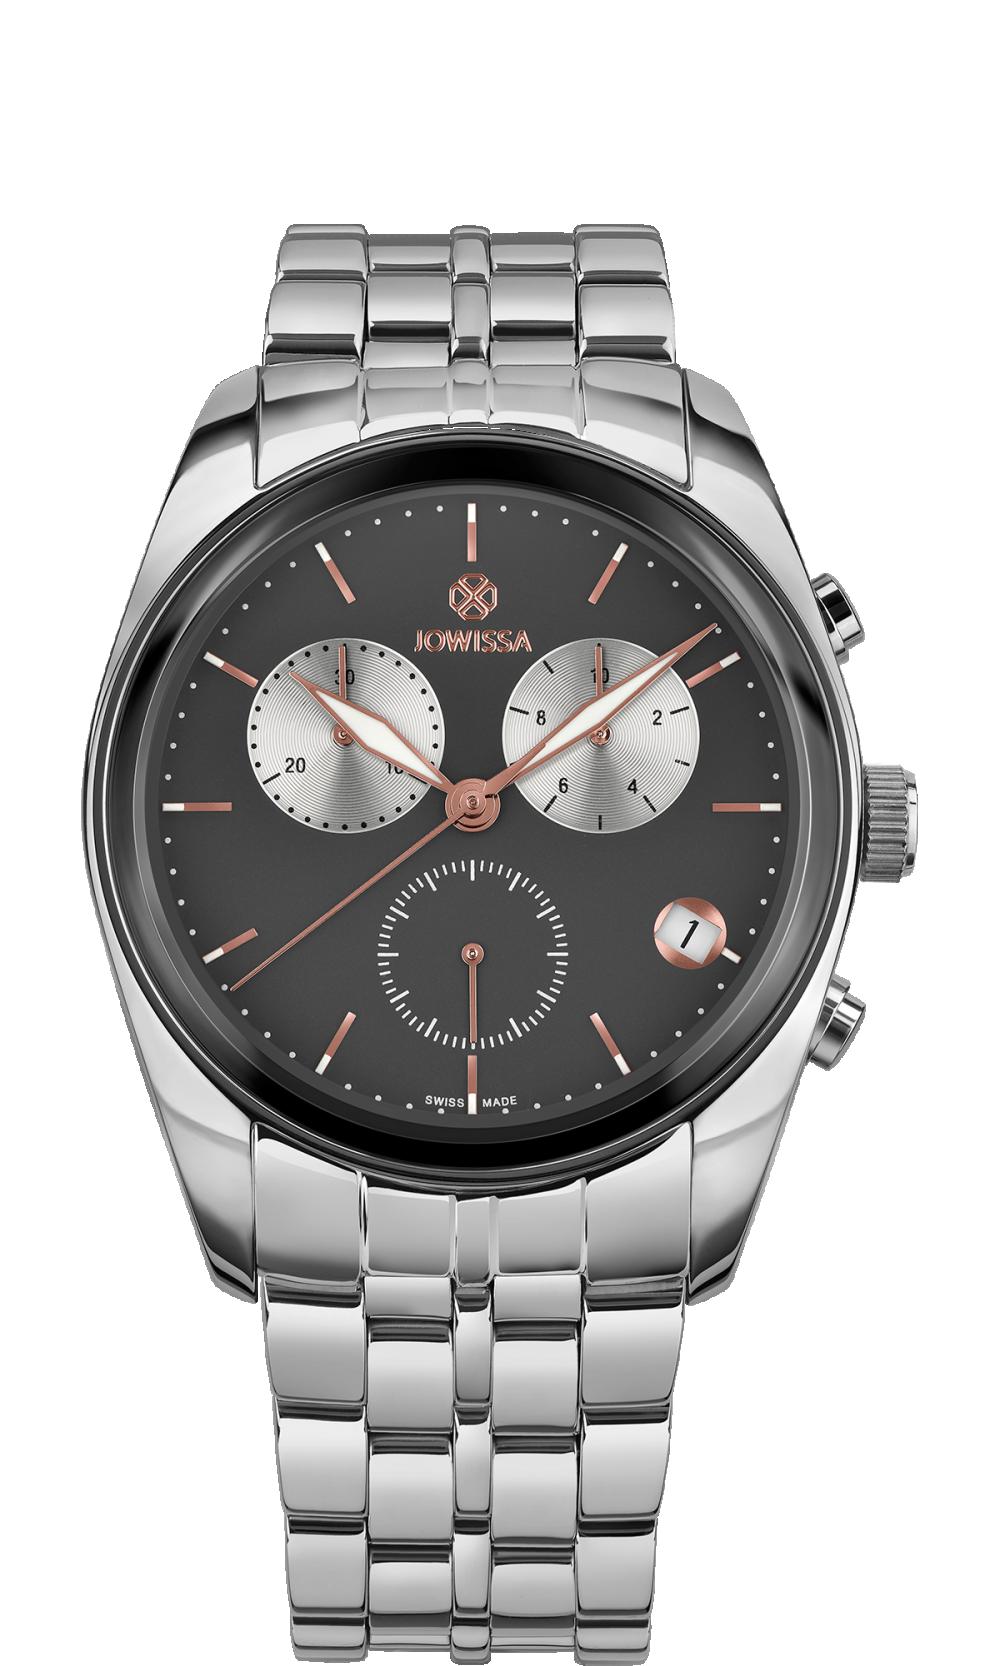 Ceas barbatesc Lux cu carcasa din otel inoxidabil 40mm, curea din metale, mecanism ETA G10.791, rezistent la apa 5 ATM